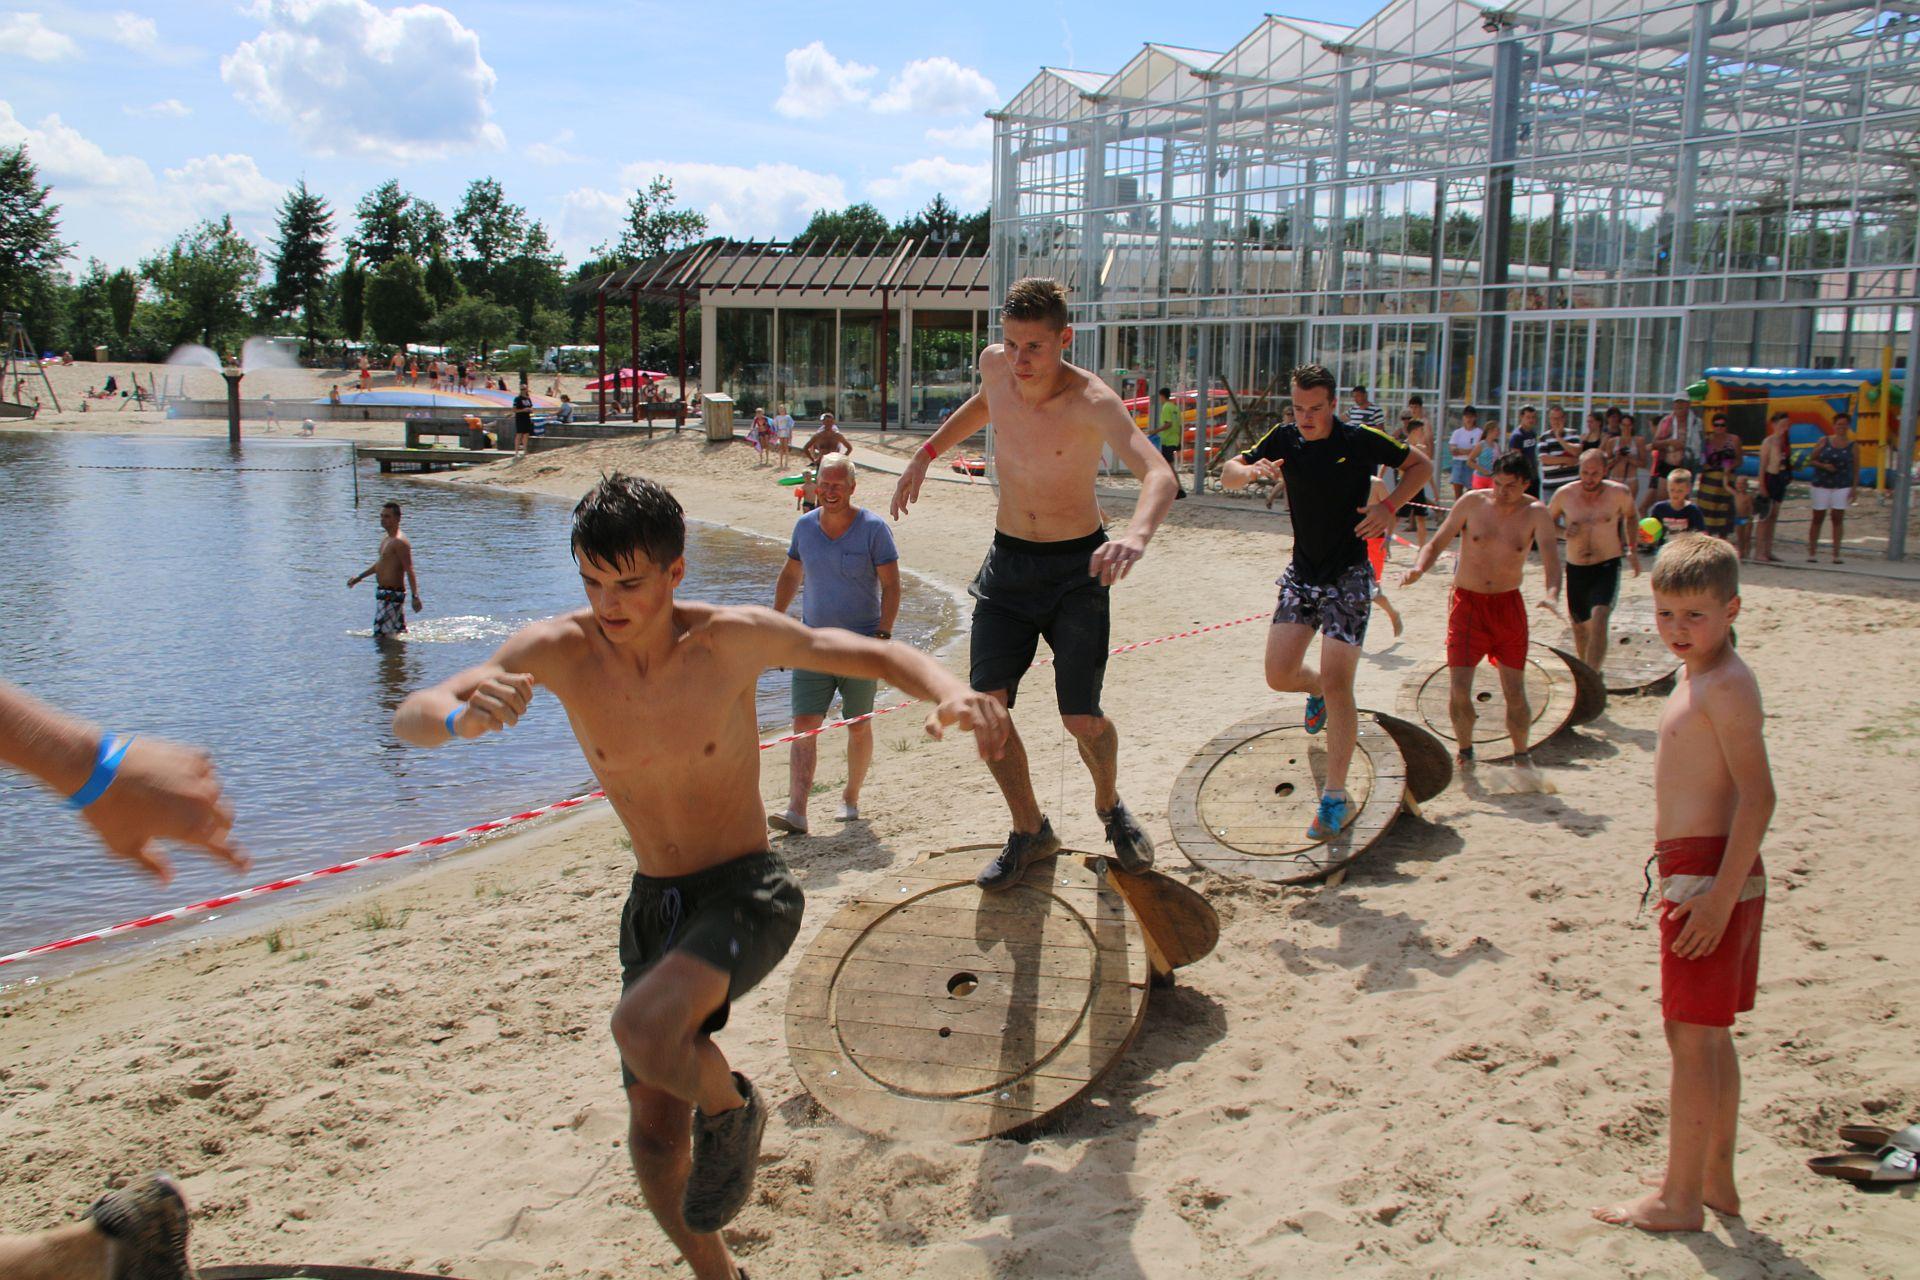 Schoolreisje Overijssel in onze Happy Fun Beach - Leuk schoolreisje in Overijssel